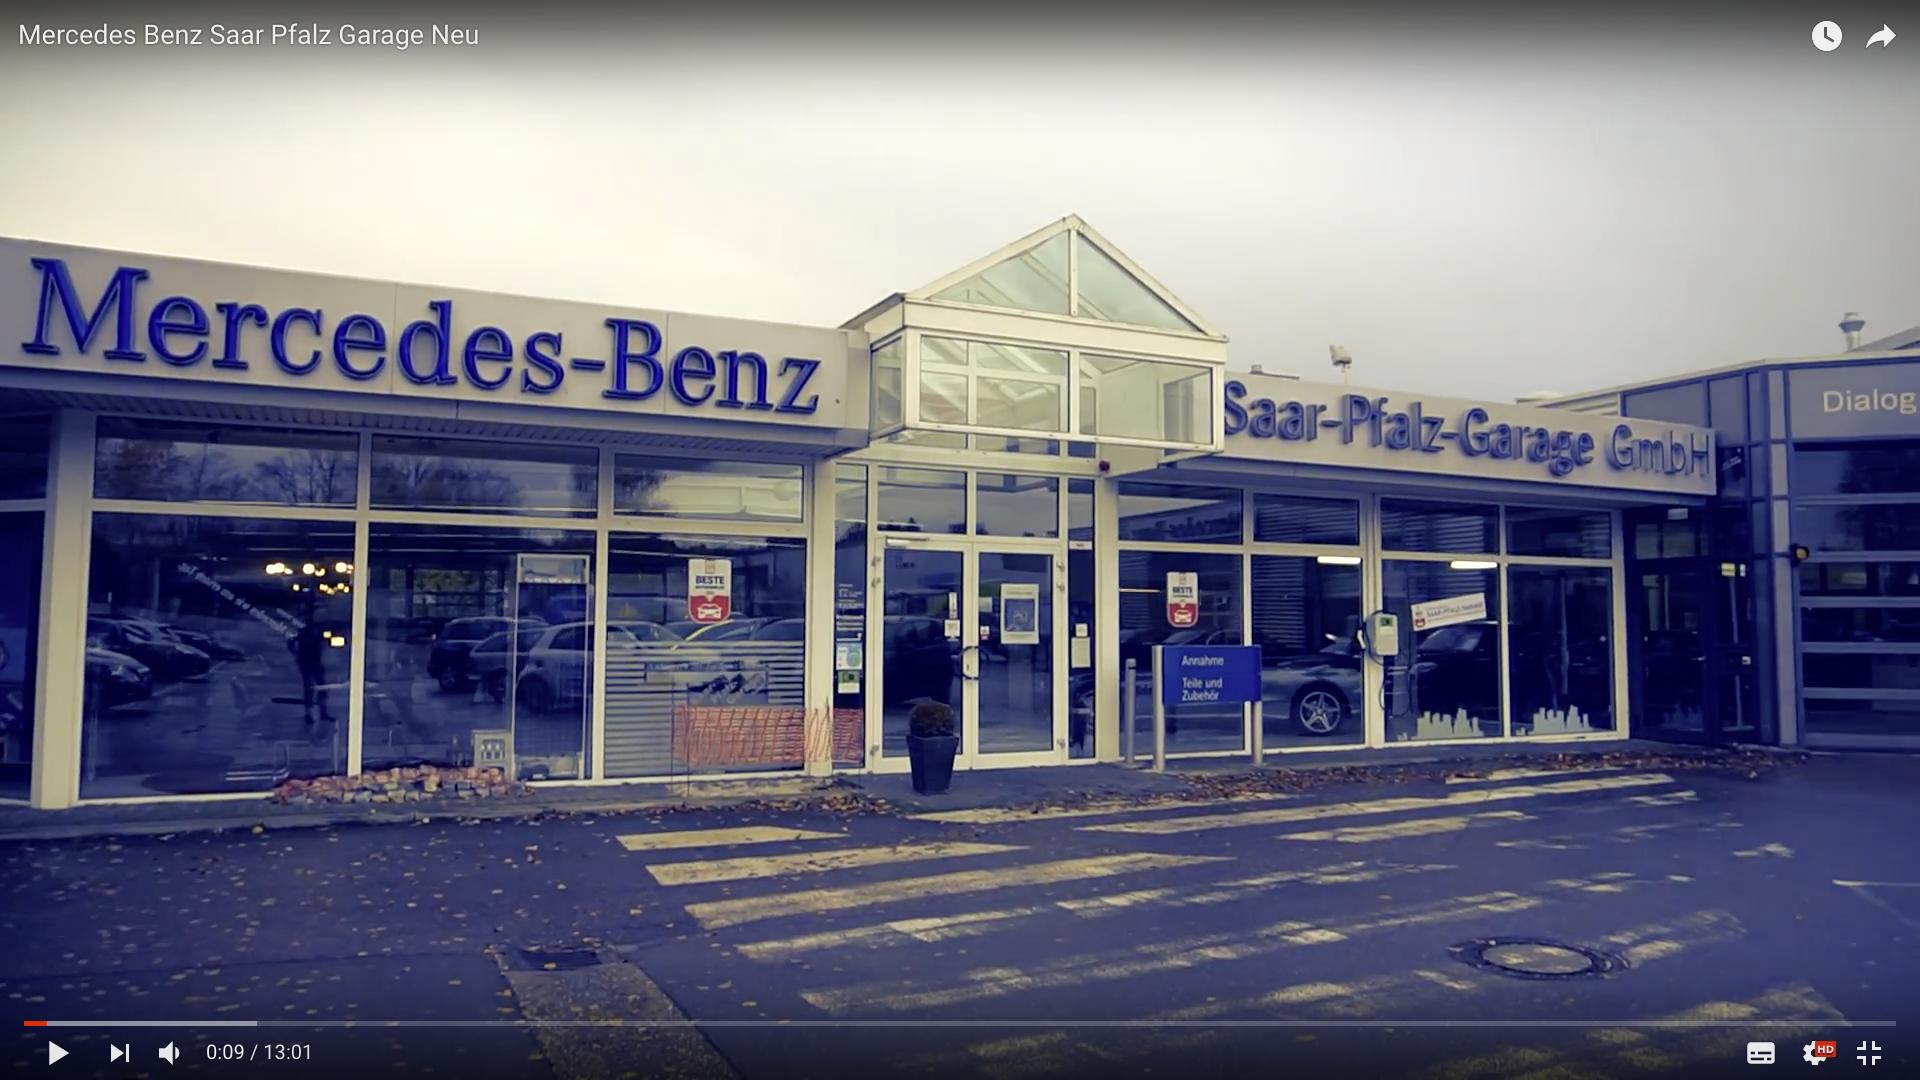 2017 Mercedes Benz Saar Pfalz Garage Neu Außen_MSM_MEDIEN_SAAR_MOSEL_SAARLAND_FERNSEHEN_1_ED_SAAR